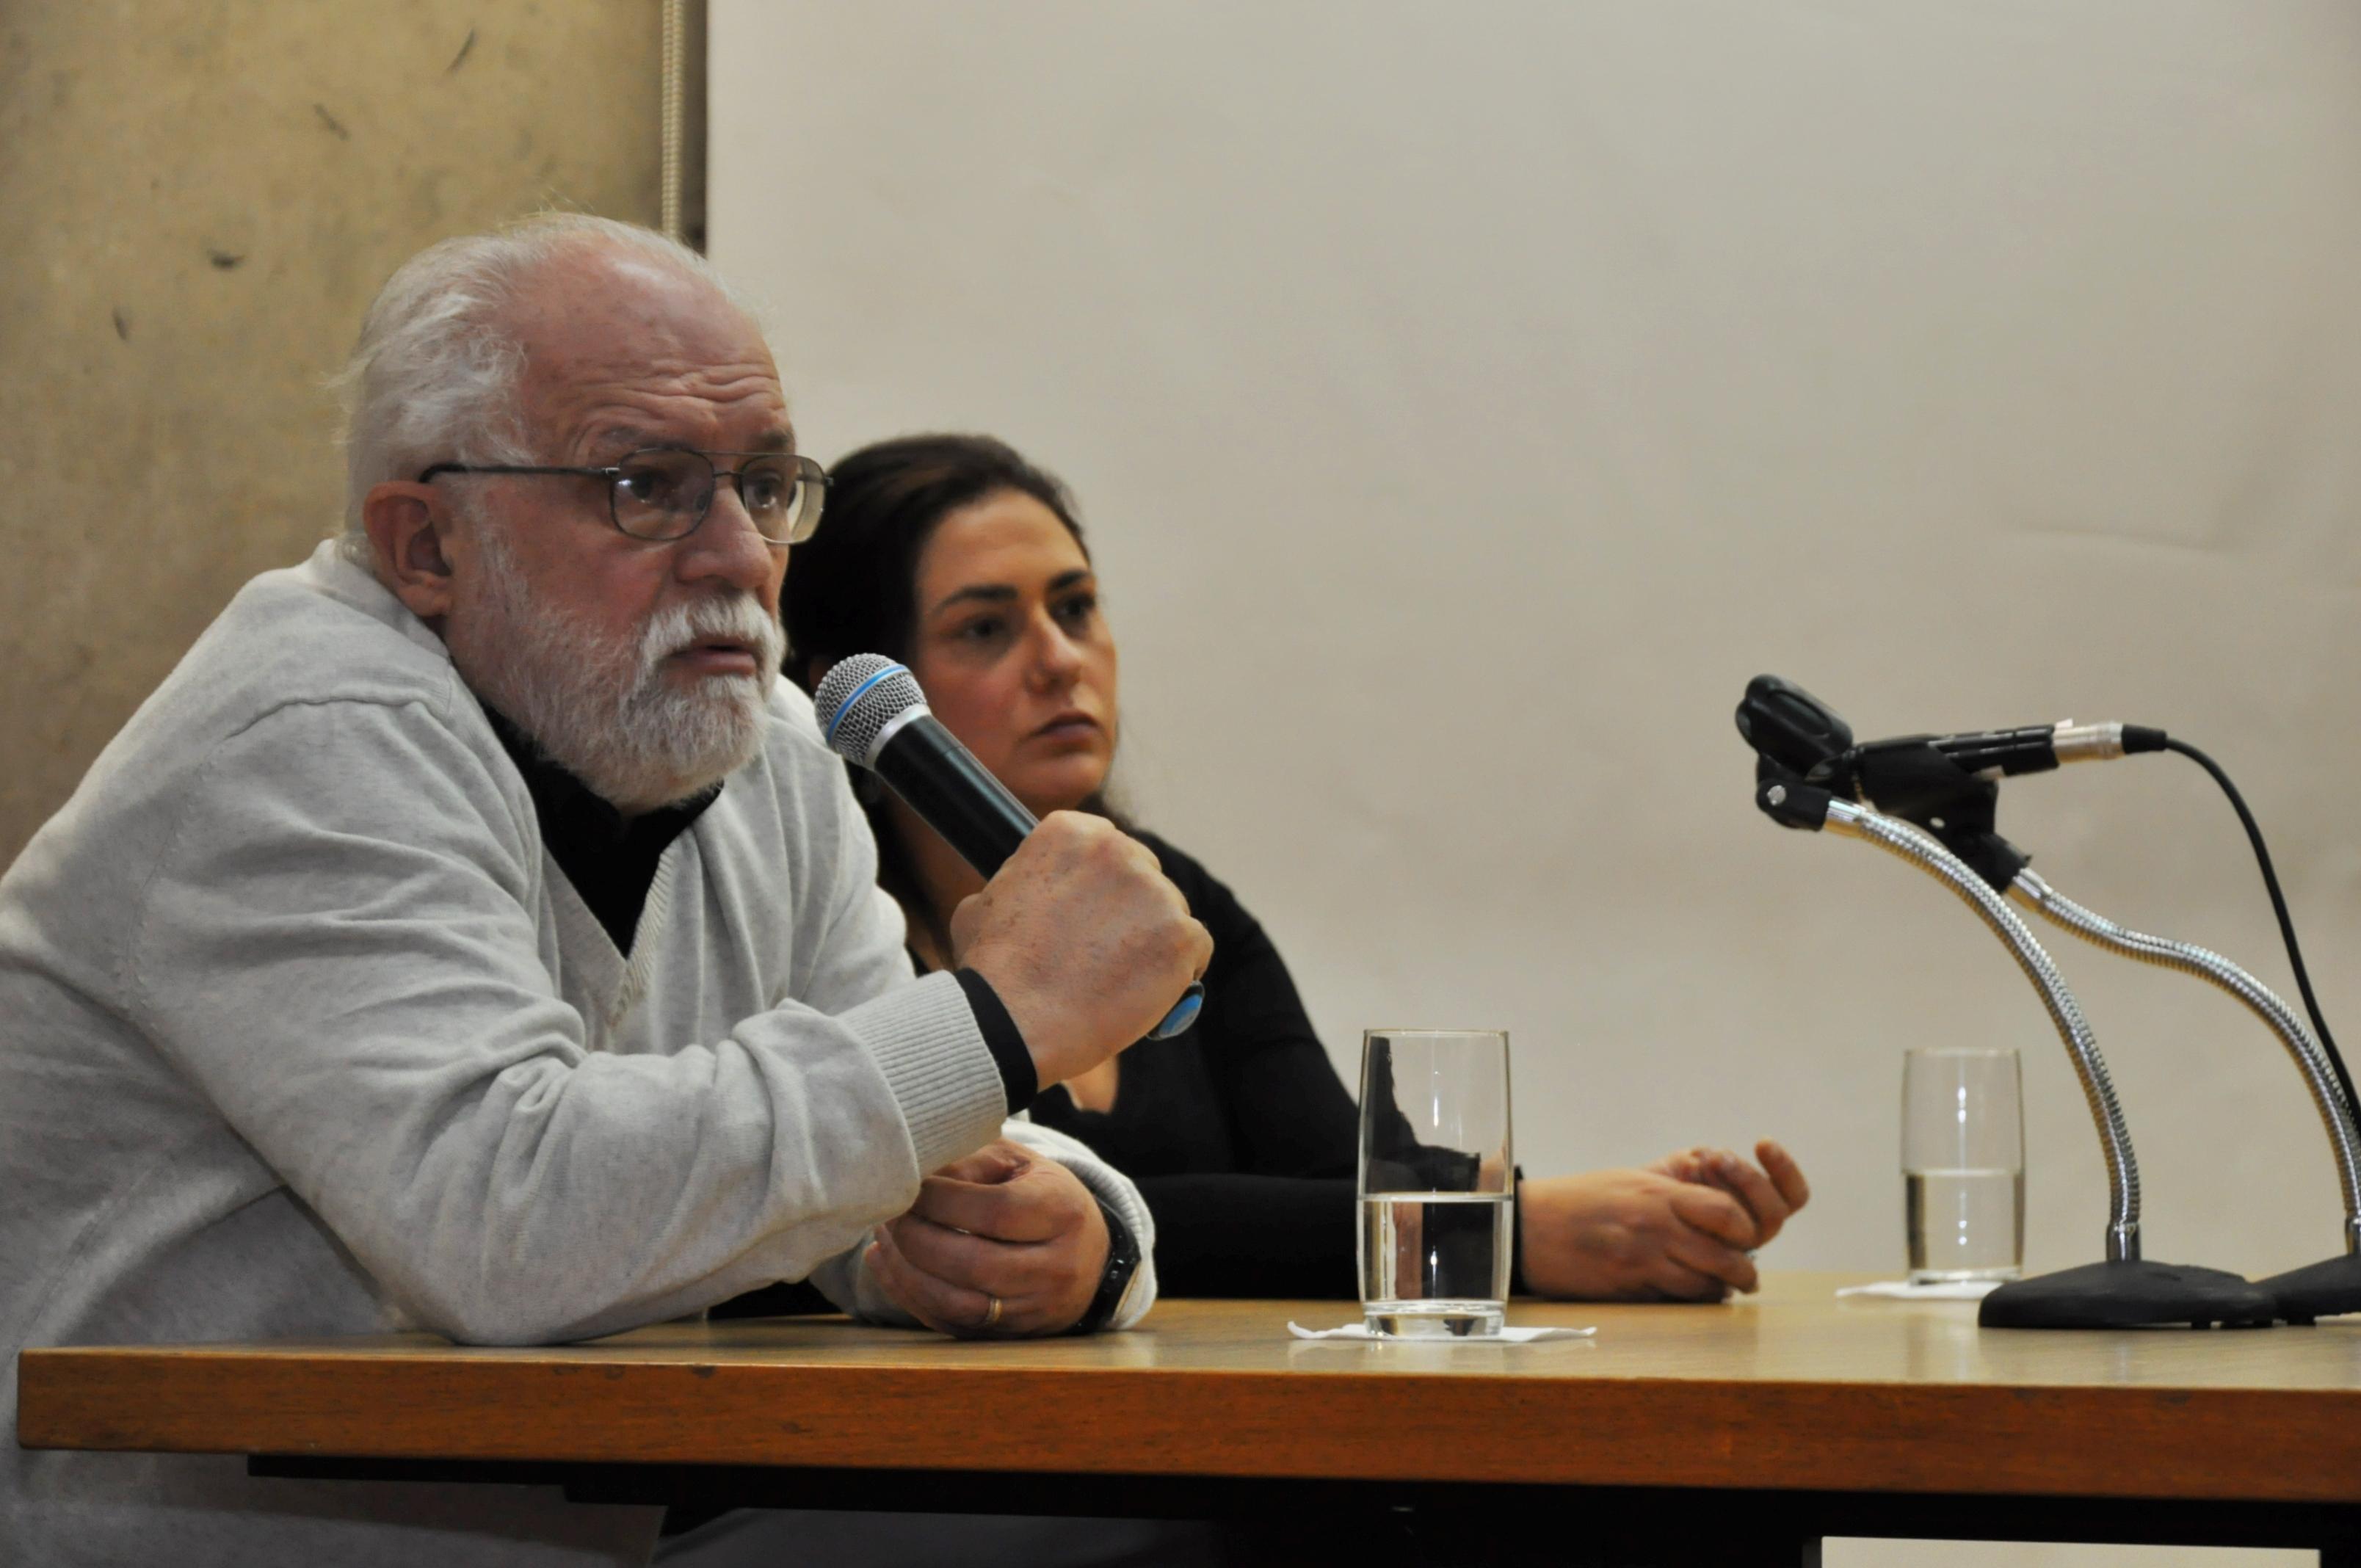 Fernando Lefevre e Daniela Schoeps (Foto: Fabio Umbelino)